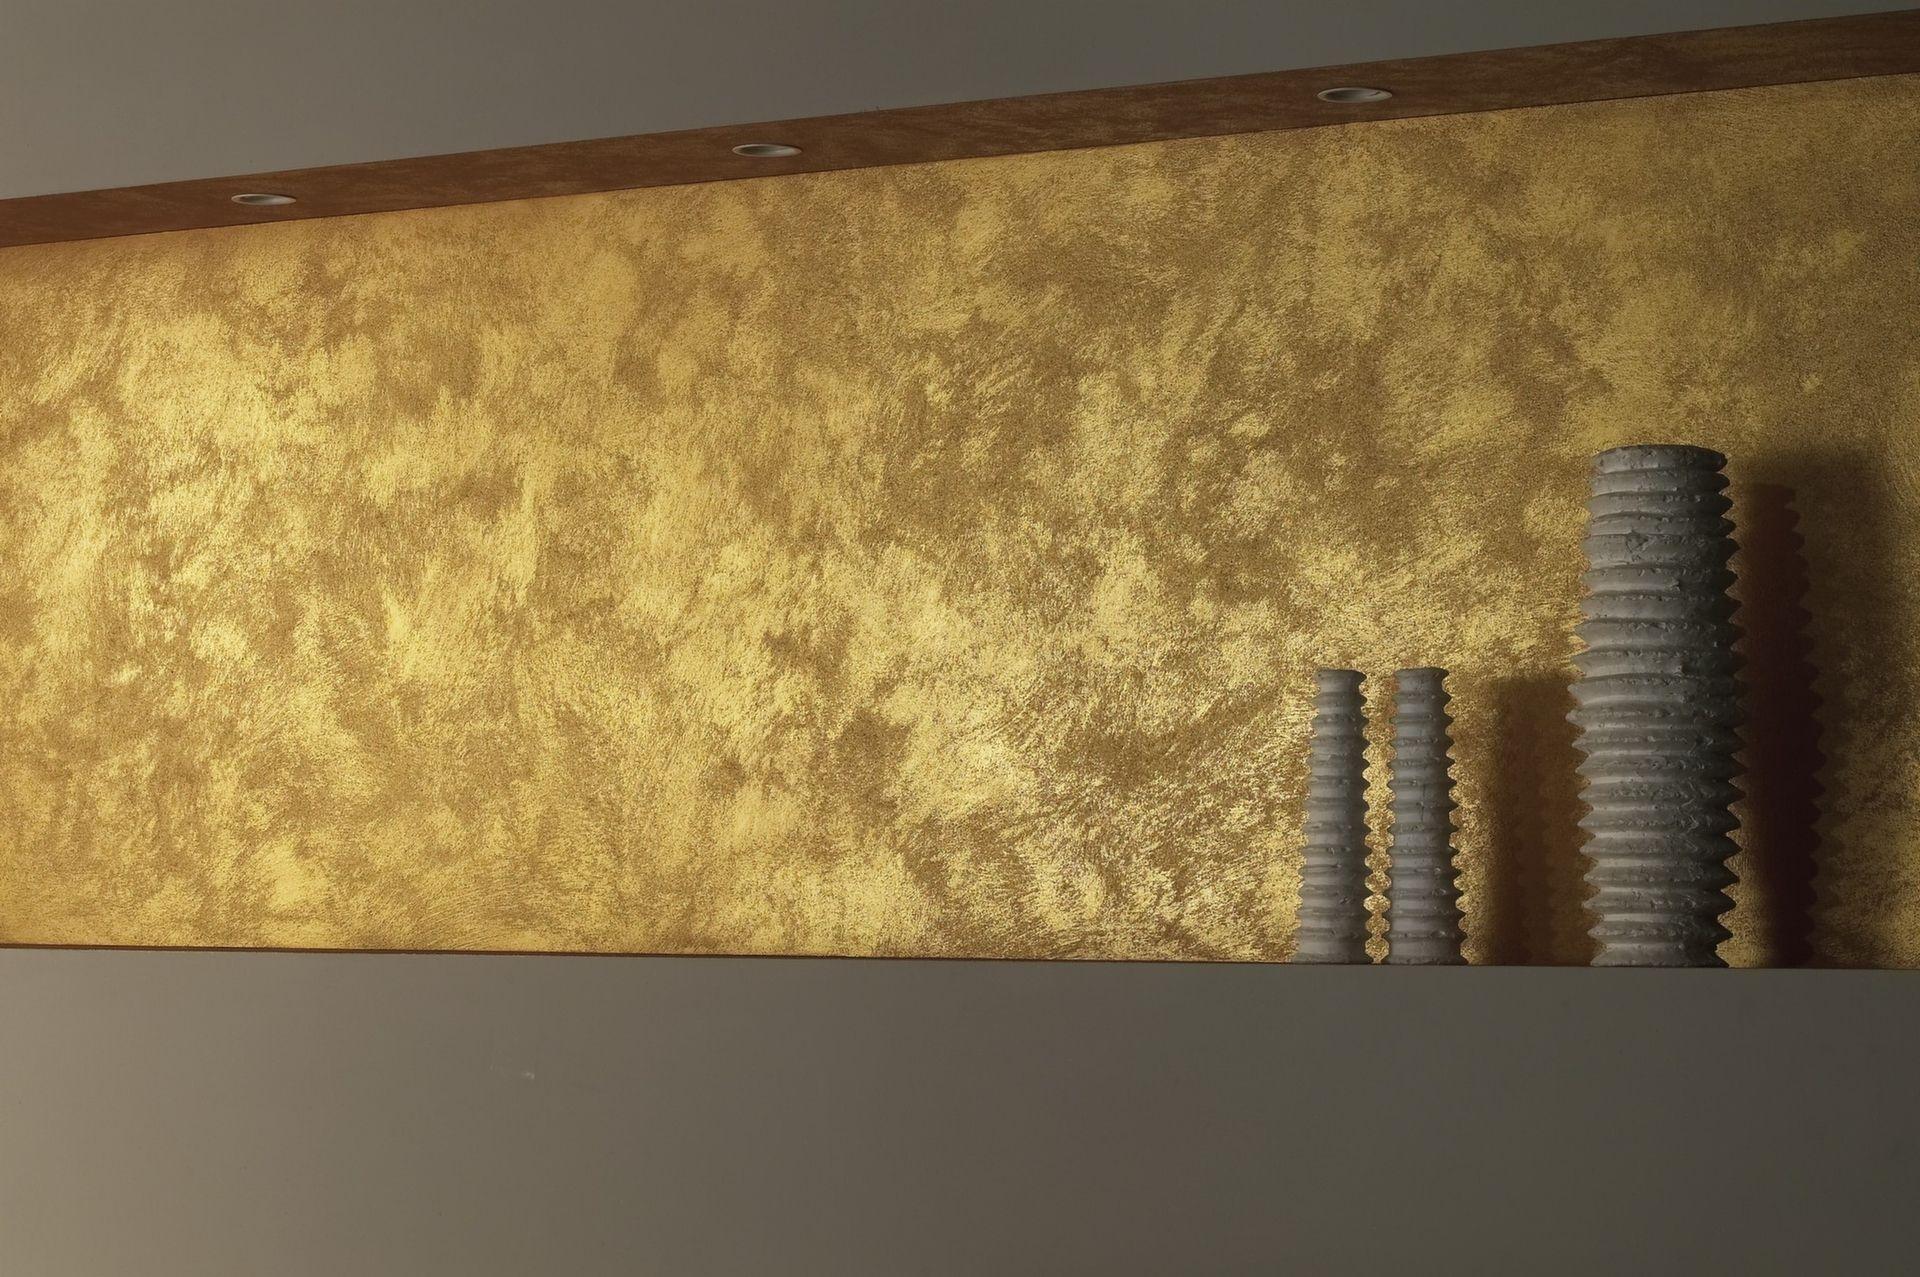 Декоративное покрытие с эффектом песка